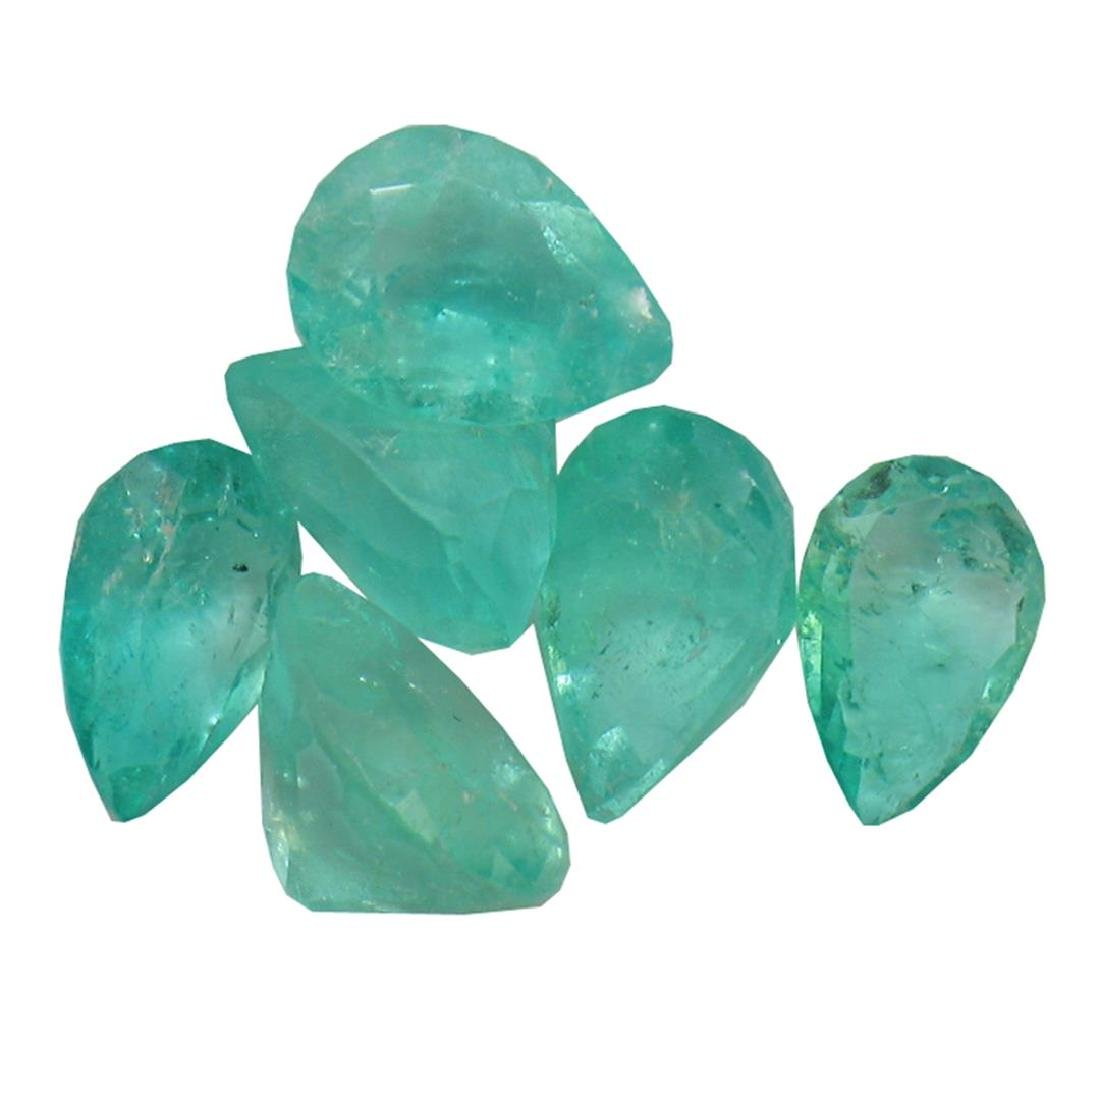 2.86 ctw Pear Mixed Emerald Parcel